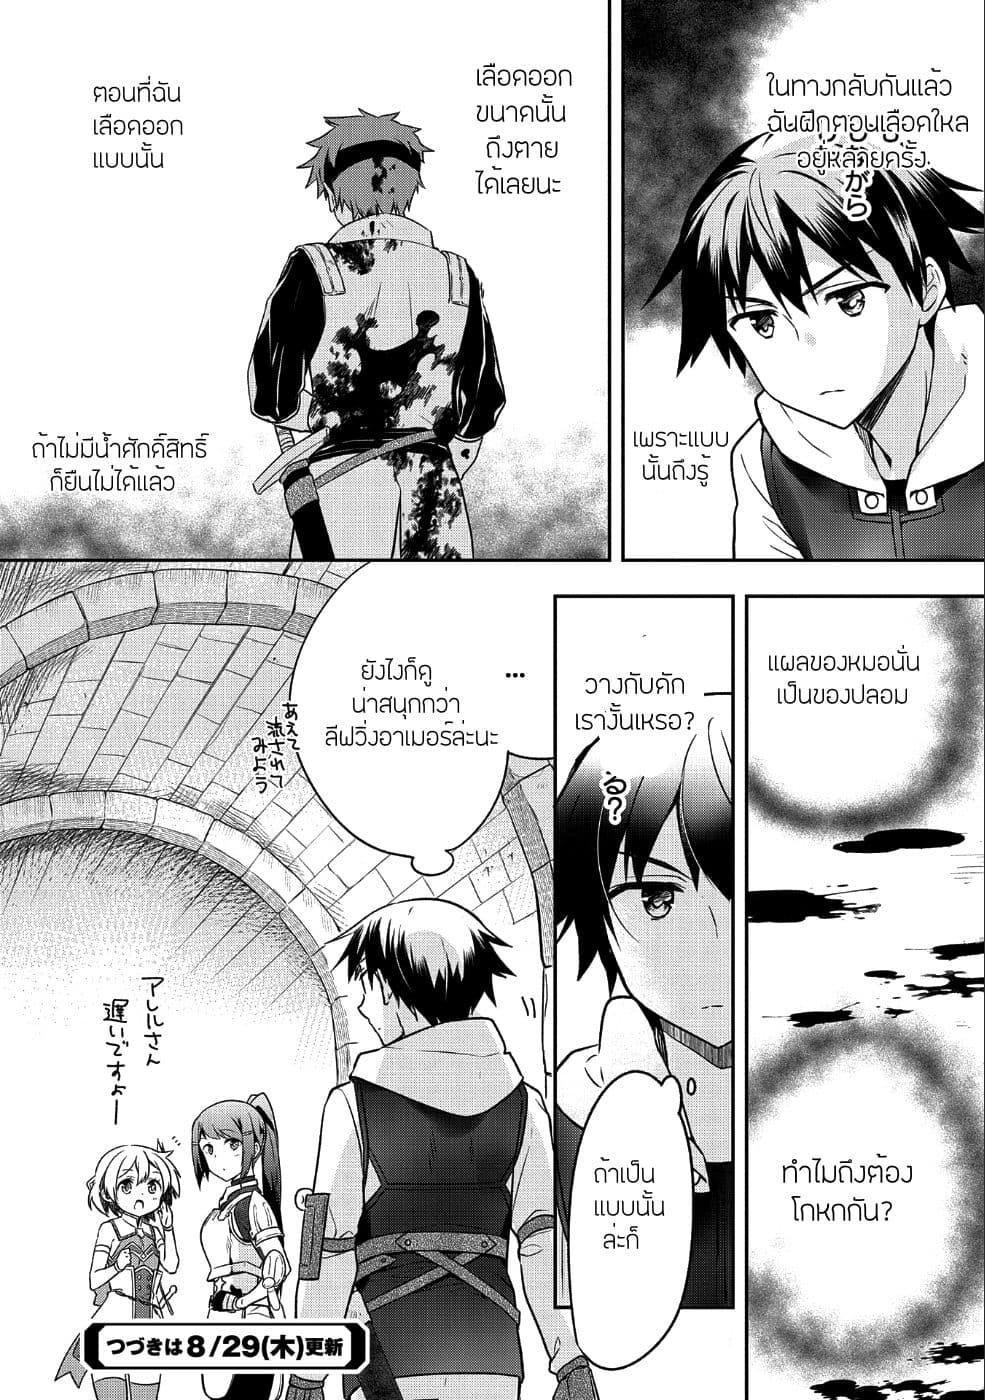 อ่านการ์ตูน Mushoku No Eiyuu Betsu Ni Skill Nanka Iranakatta Ndaga ตอนที่ 7 หน้าที่ 24